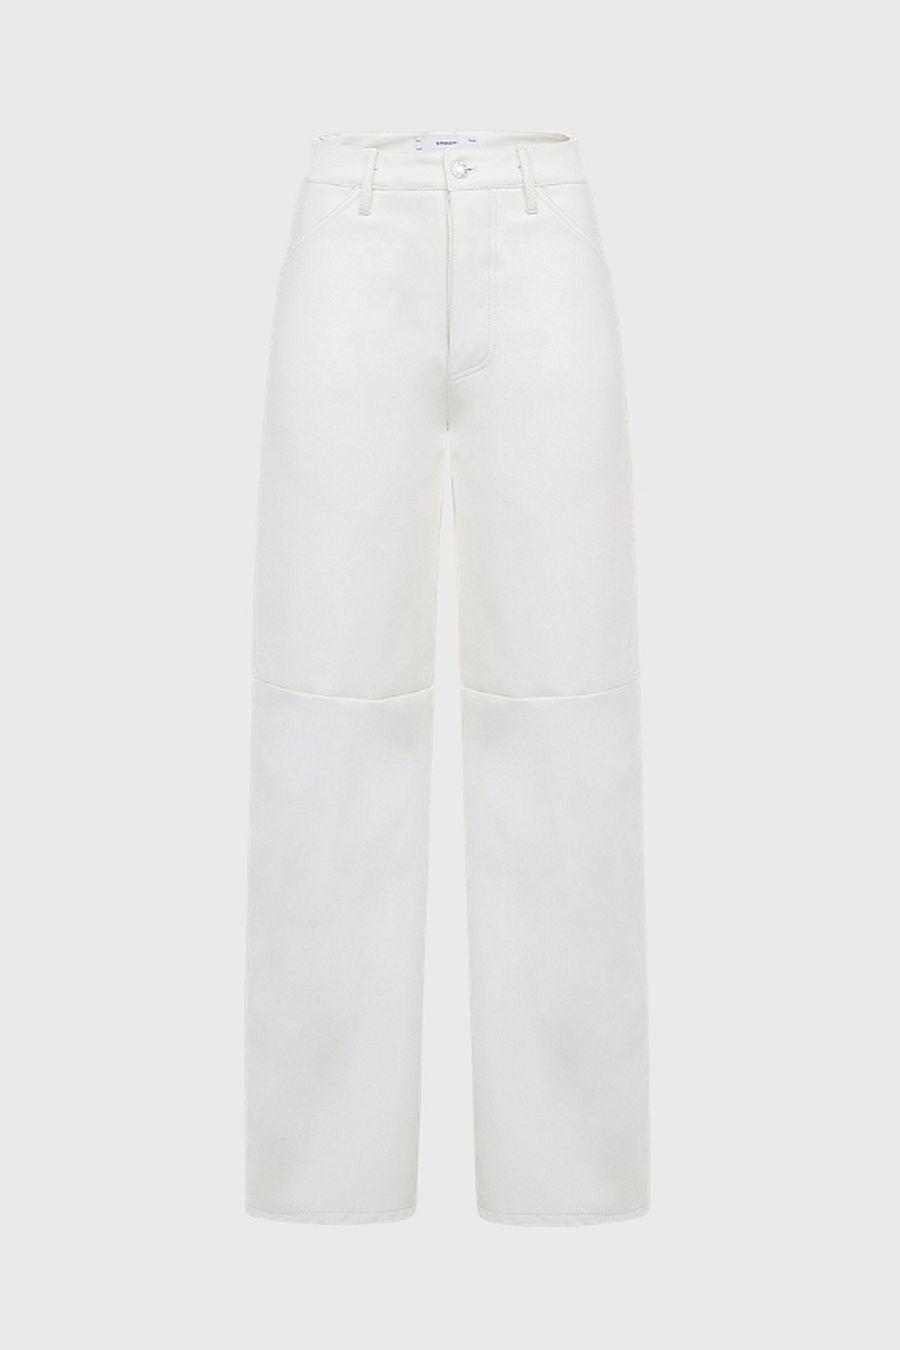 Simonett Kika Pants - White